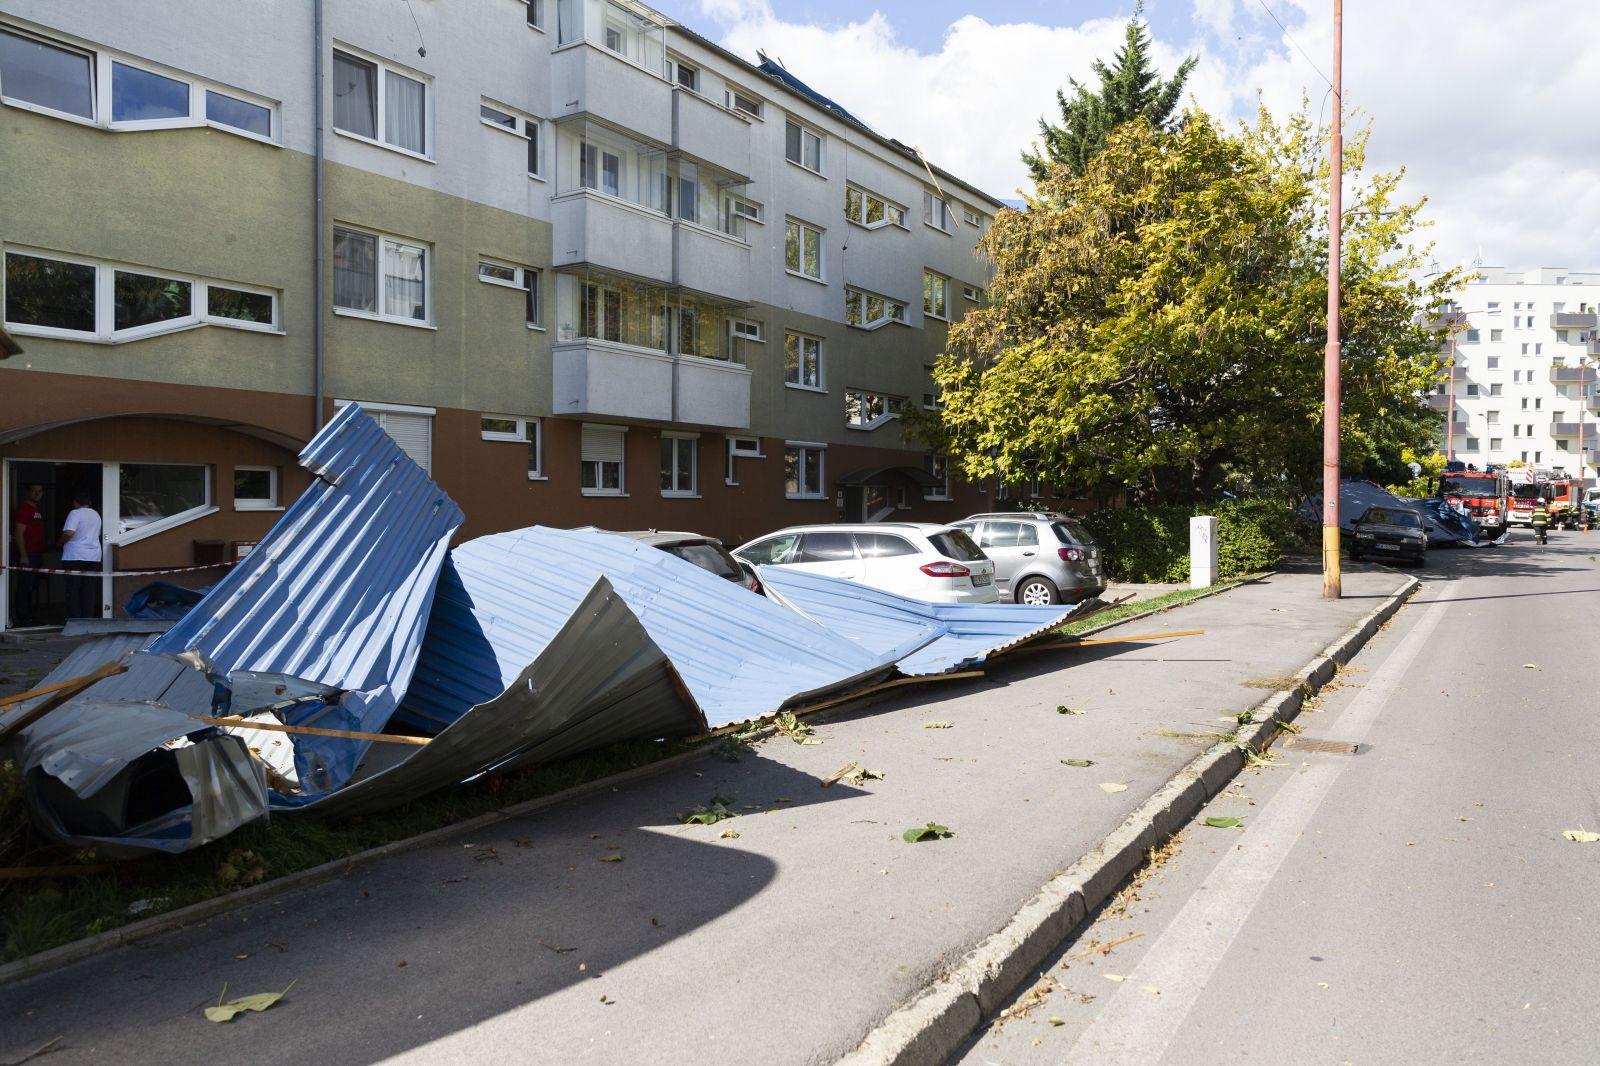 14-ročná Slovenka zomrela po tom, ako na ňu spadol strom. Vietor v Bratislave vytrháva zo zeme stromy